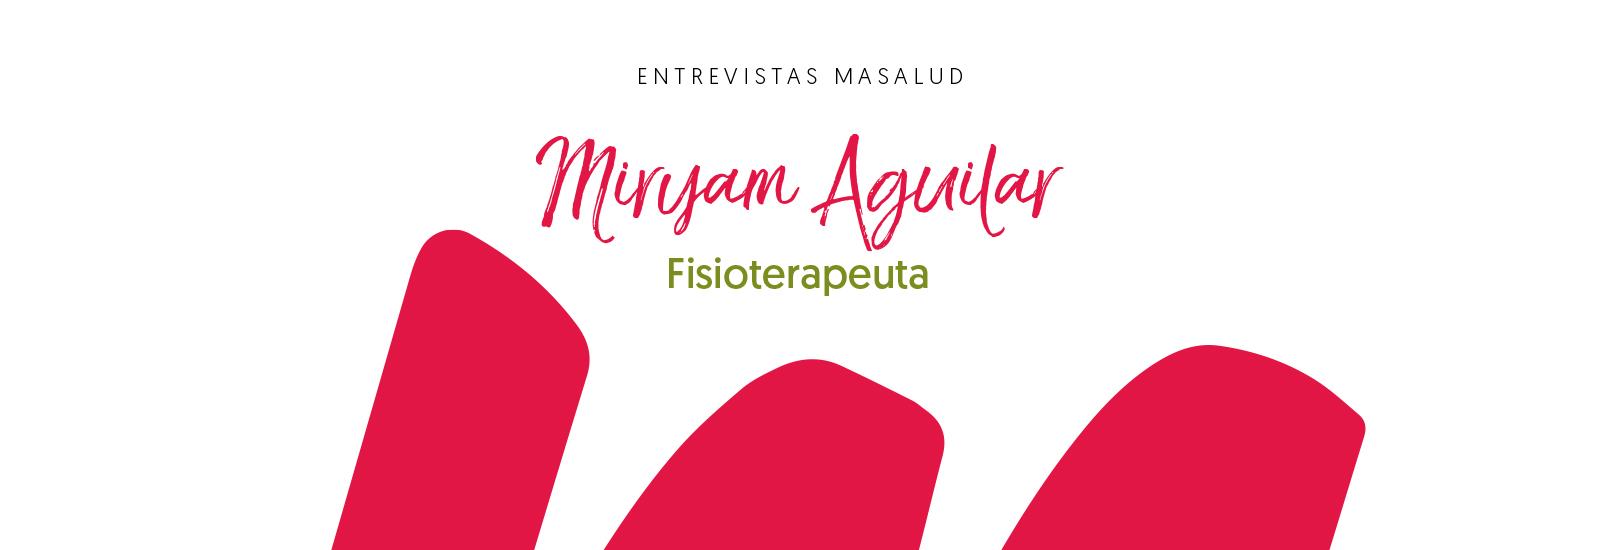 Más Masalud, Miryam Aguilar Fisioterapeuta